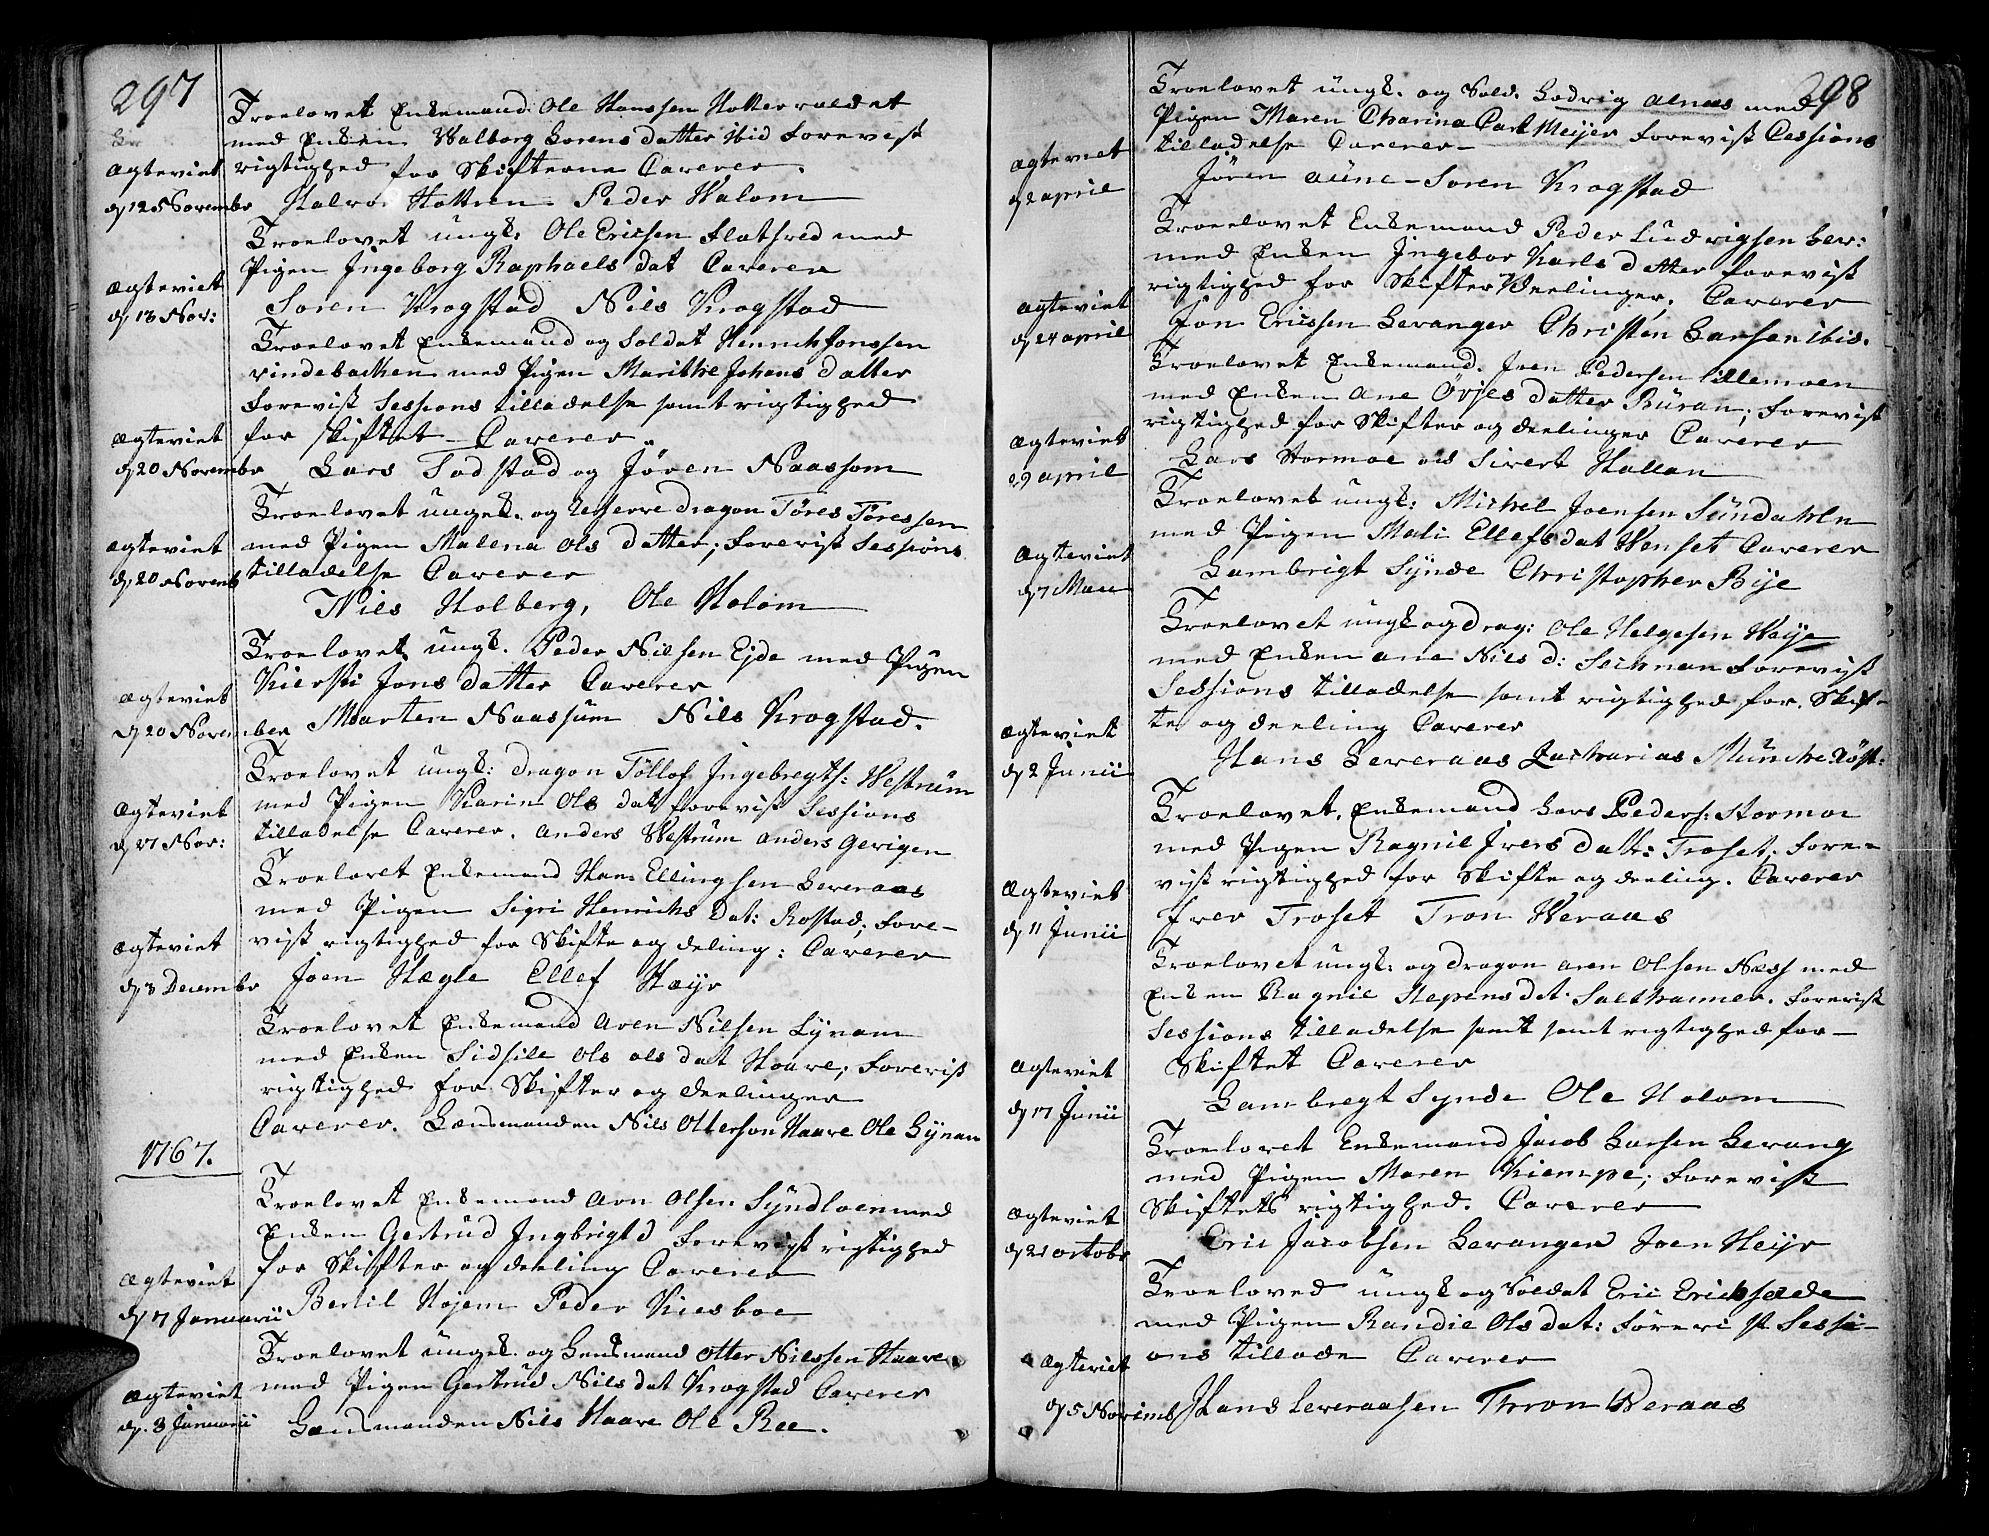 SAT, Ministerialprotokoller, klokkerbøker og fødselsregistre - Nord-Trøndelag, 717/L0141: Ministerialbok nr. 717A01, 1747-1803, s. 297-298